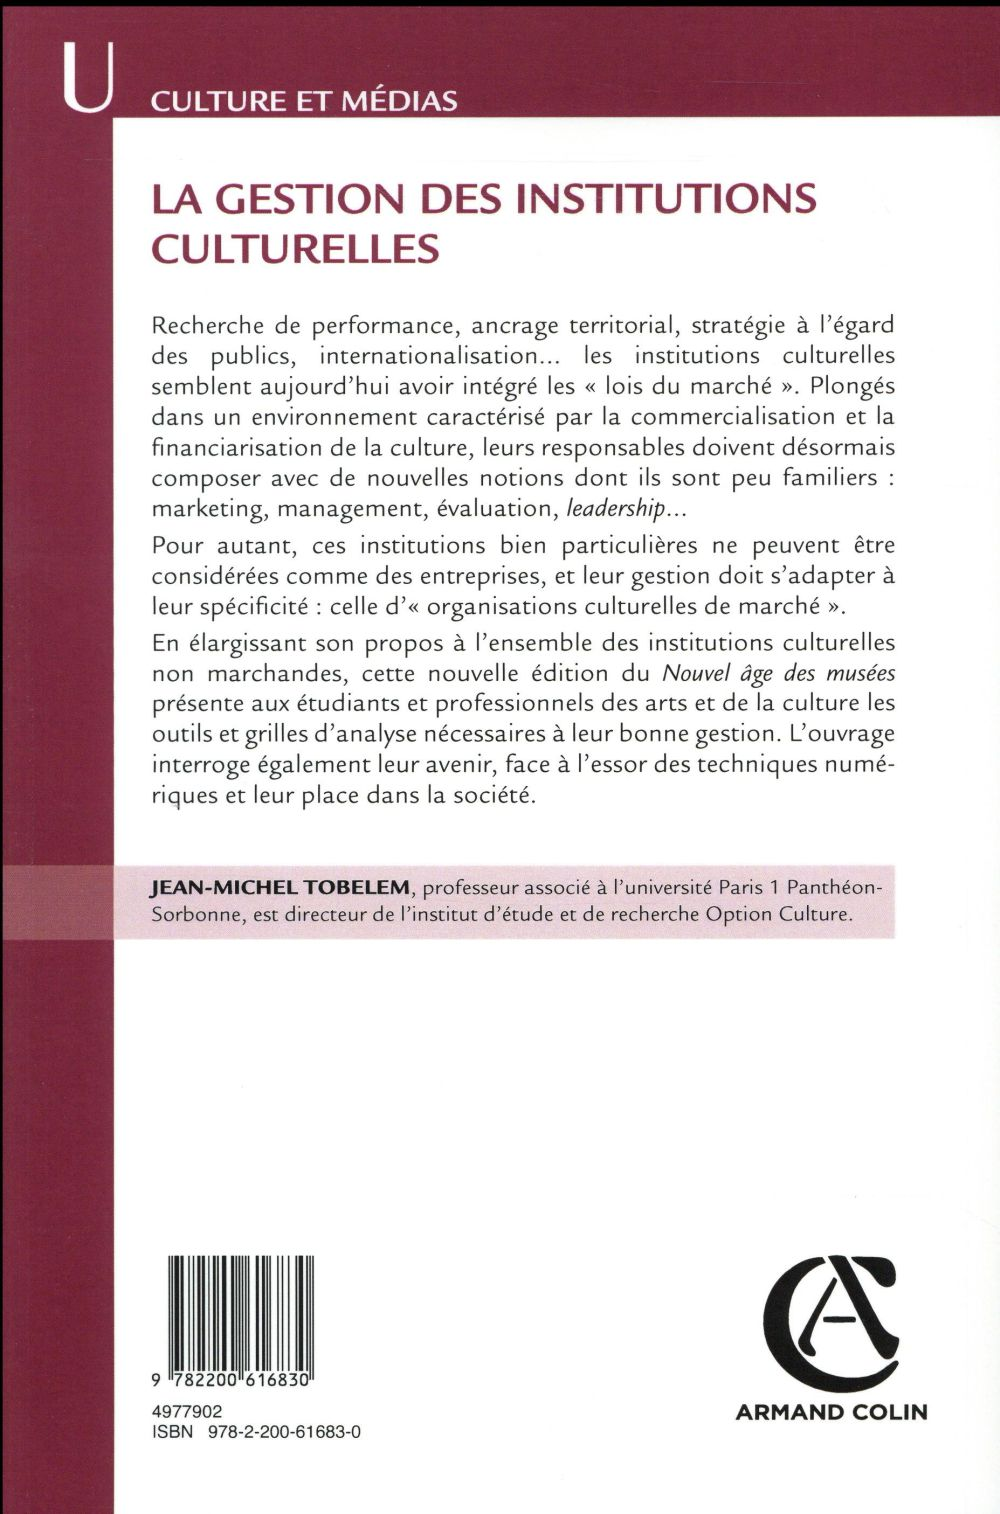 La gestion des institutions culturelles ; musées, monuments, centres d'art (3e édition)